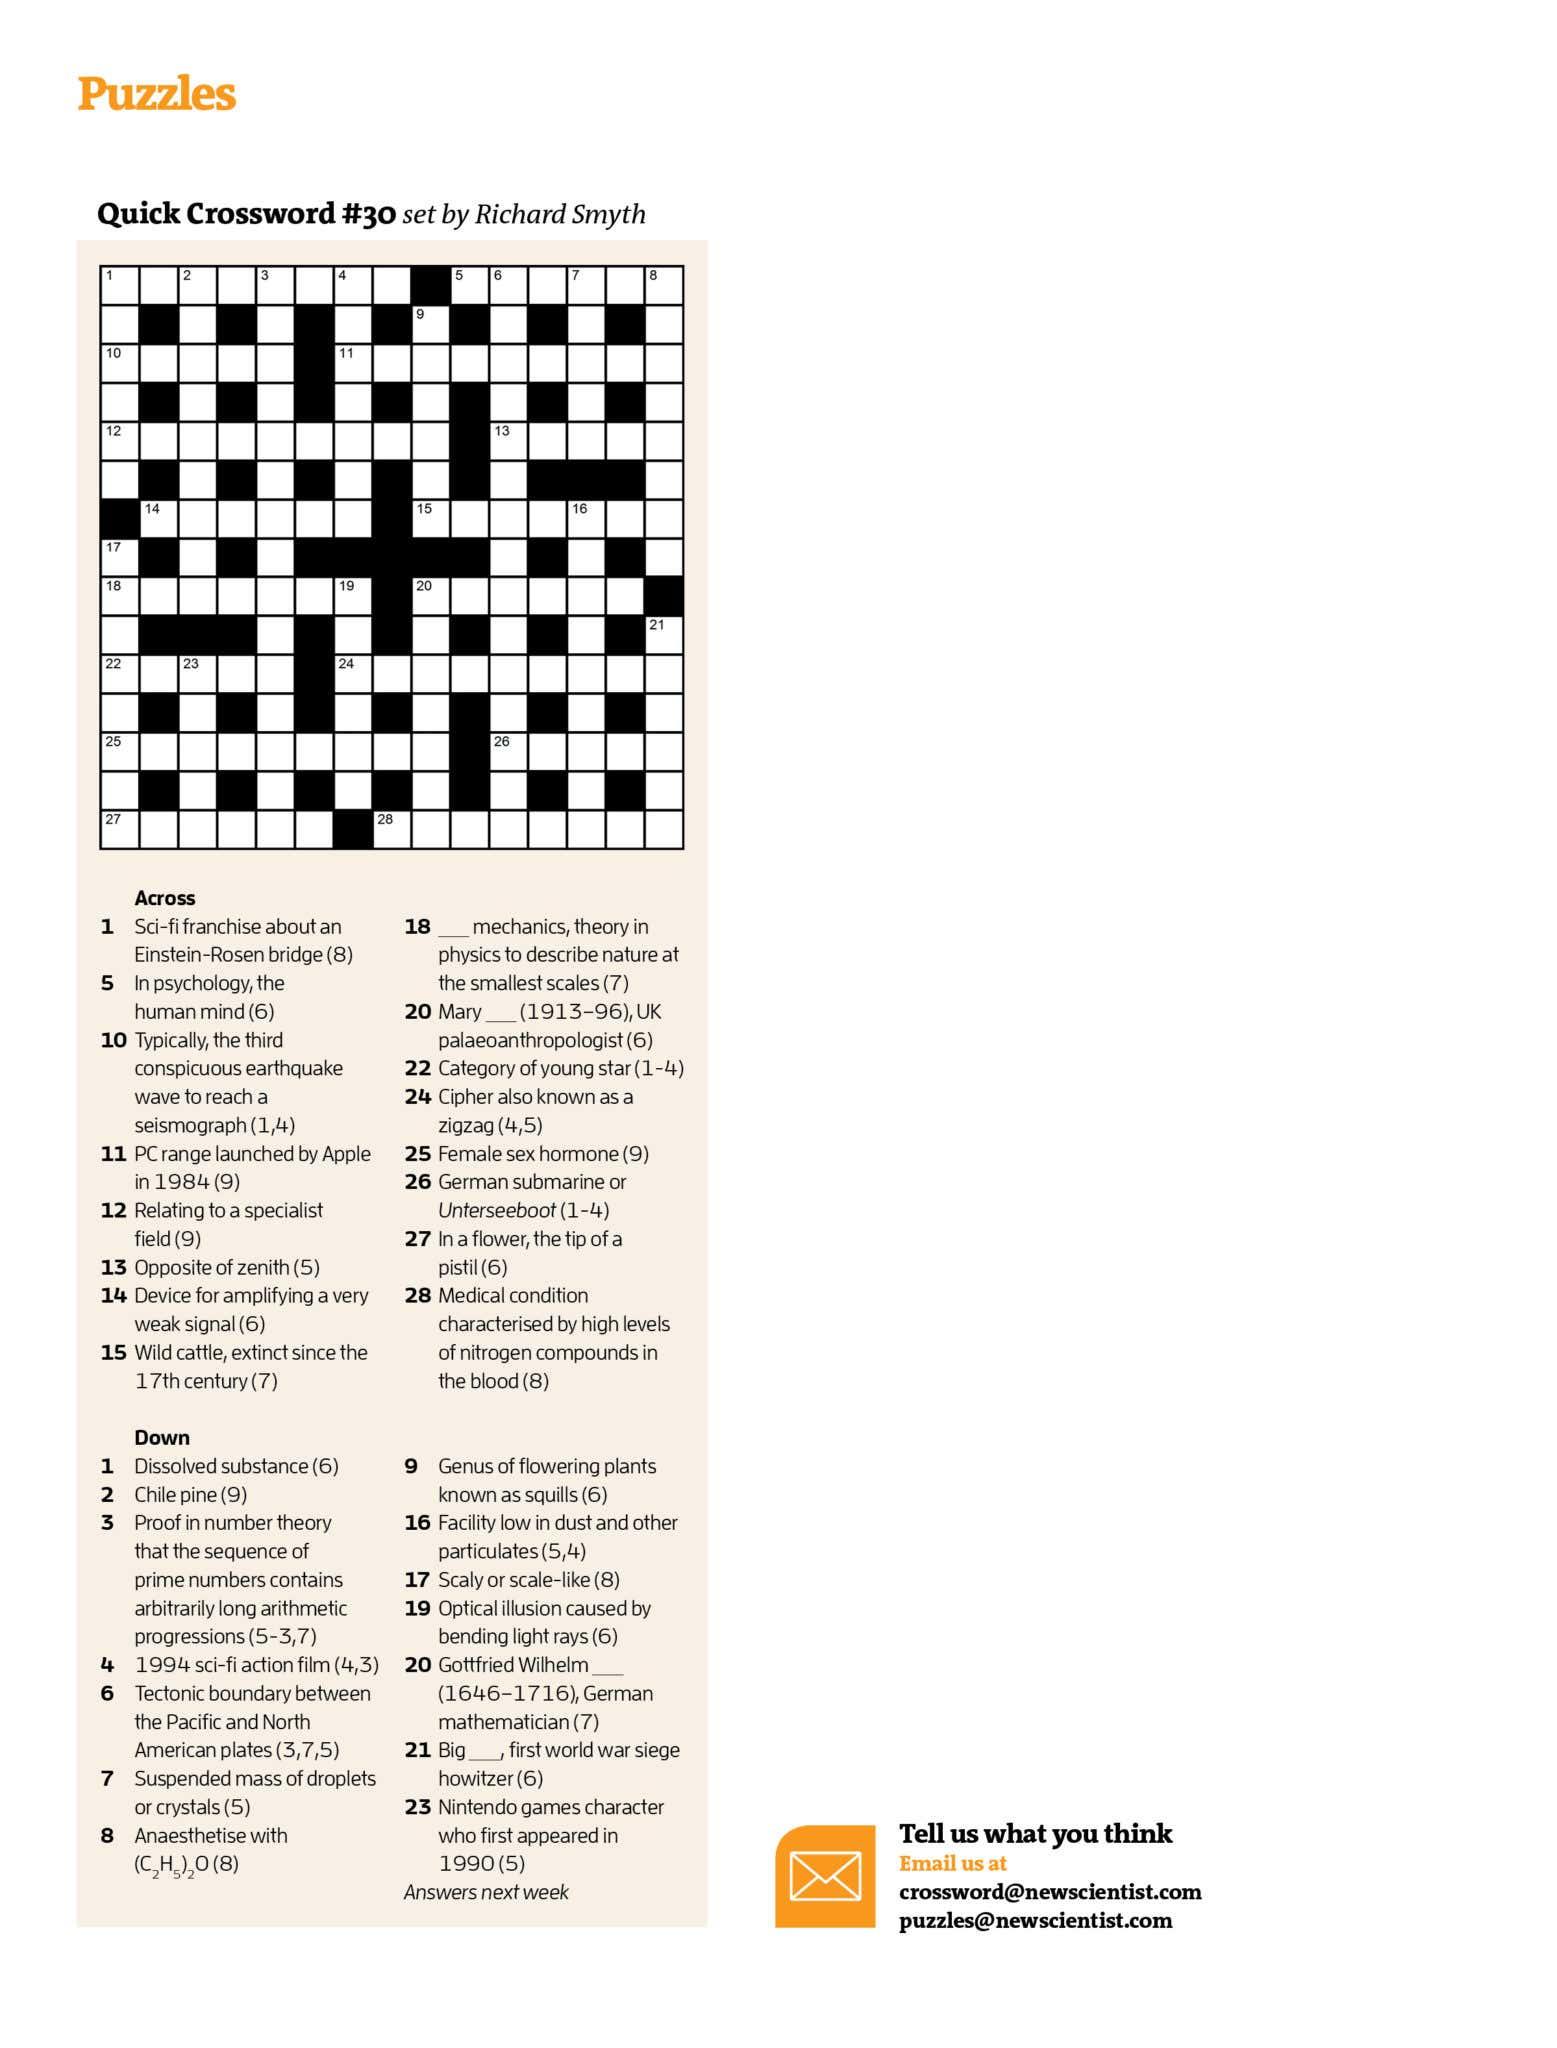 Quick Crossword #30 | New Scientist - Printable German Crosswords